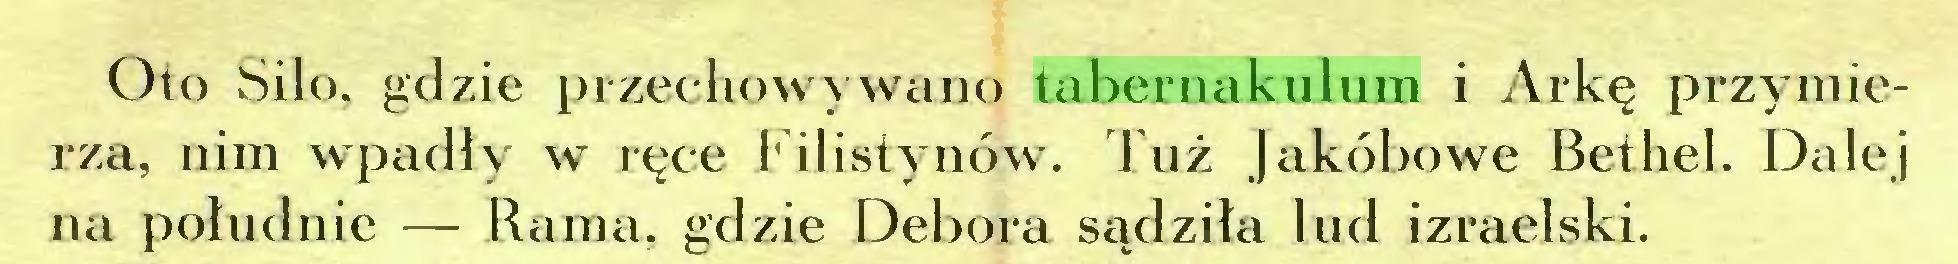 (...) Oto Siło, gdzie przechowywano tabernakulum i Arkę przymierza, nim wpadły w ręce Filistynów. Tuż Jakóbowe Bethel. Dalej na południe — Rama, gdzie Debora sądziła lud izraelski...